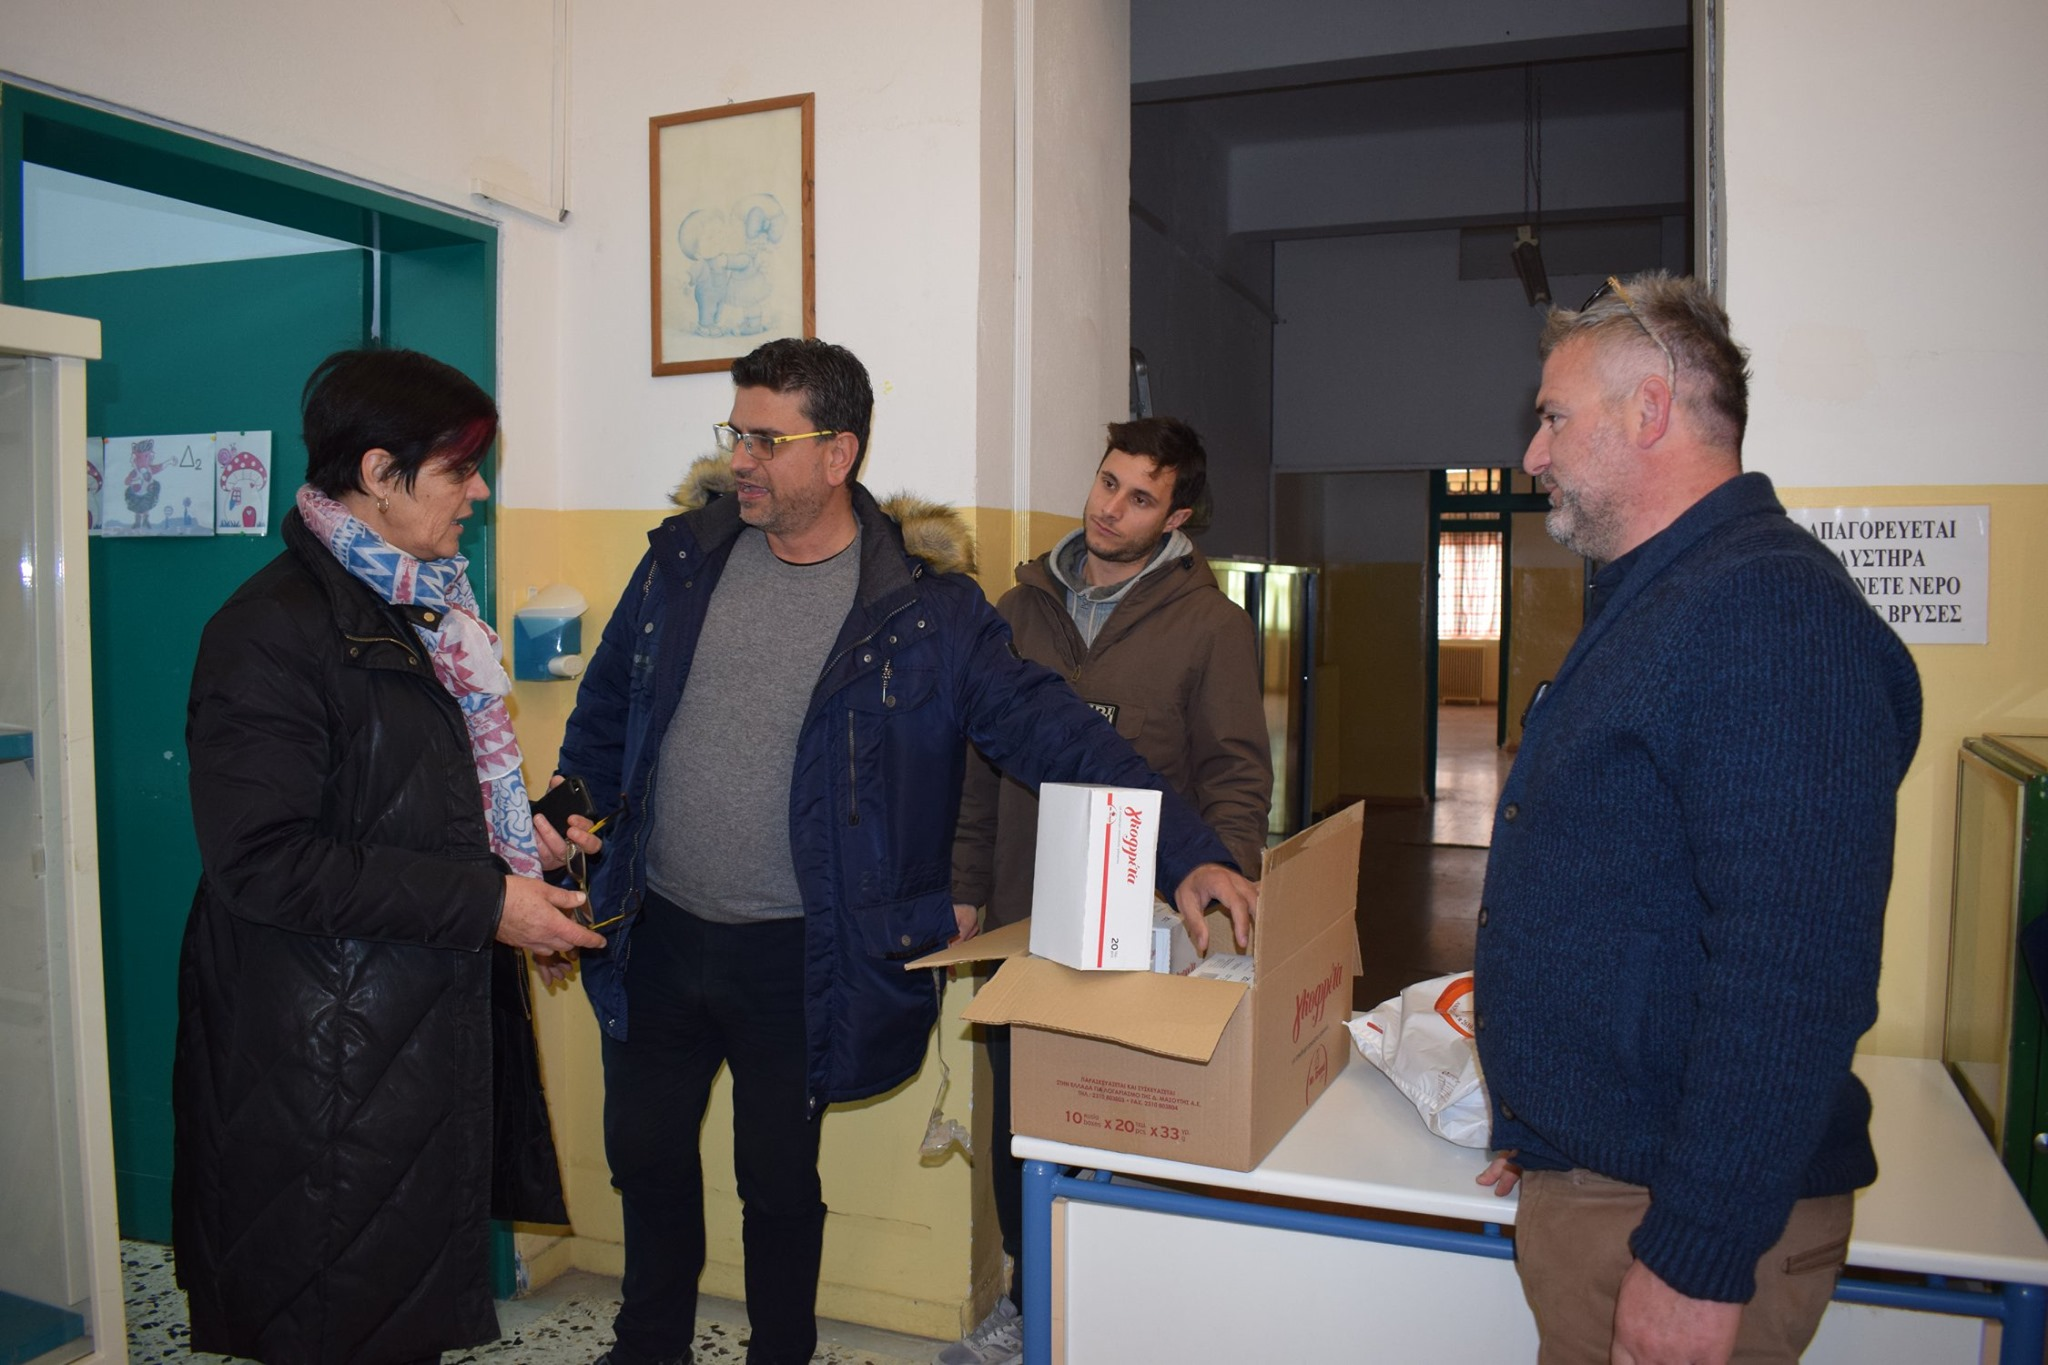 Σοκολάτες μοίρασε ο Δήμαρχος Ανδραβίδας- Κυλλήνης στα Δημοτικά Σχολεία του Δήμου Ανδραβίδας-Κυλλήνης (photos)